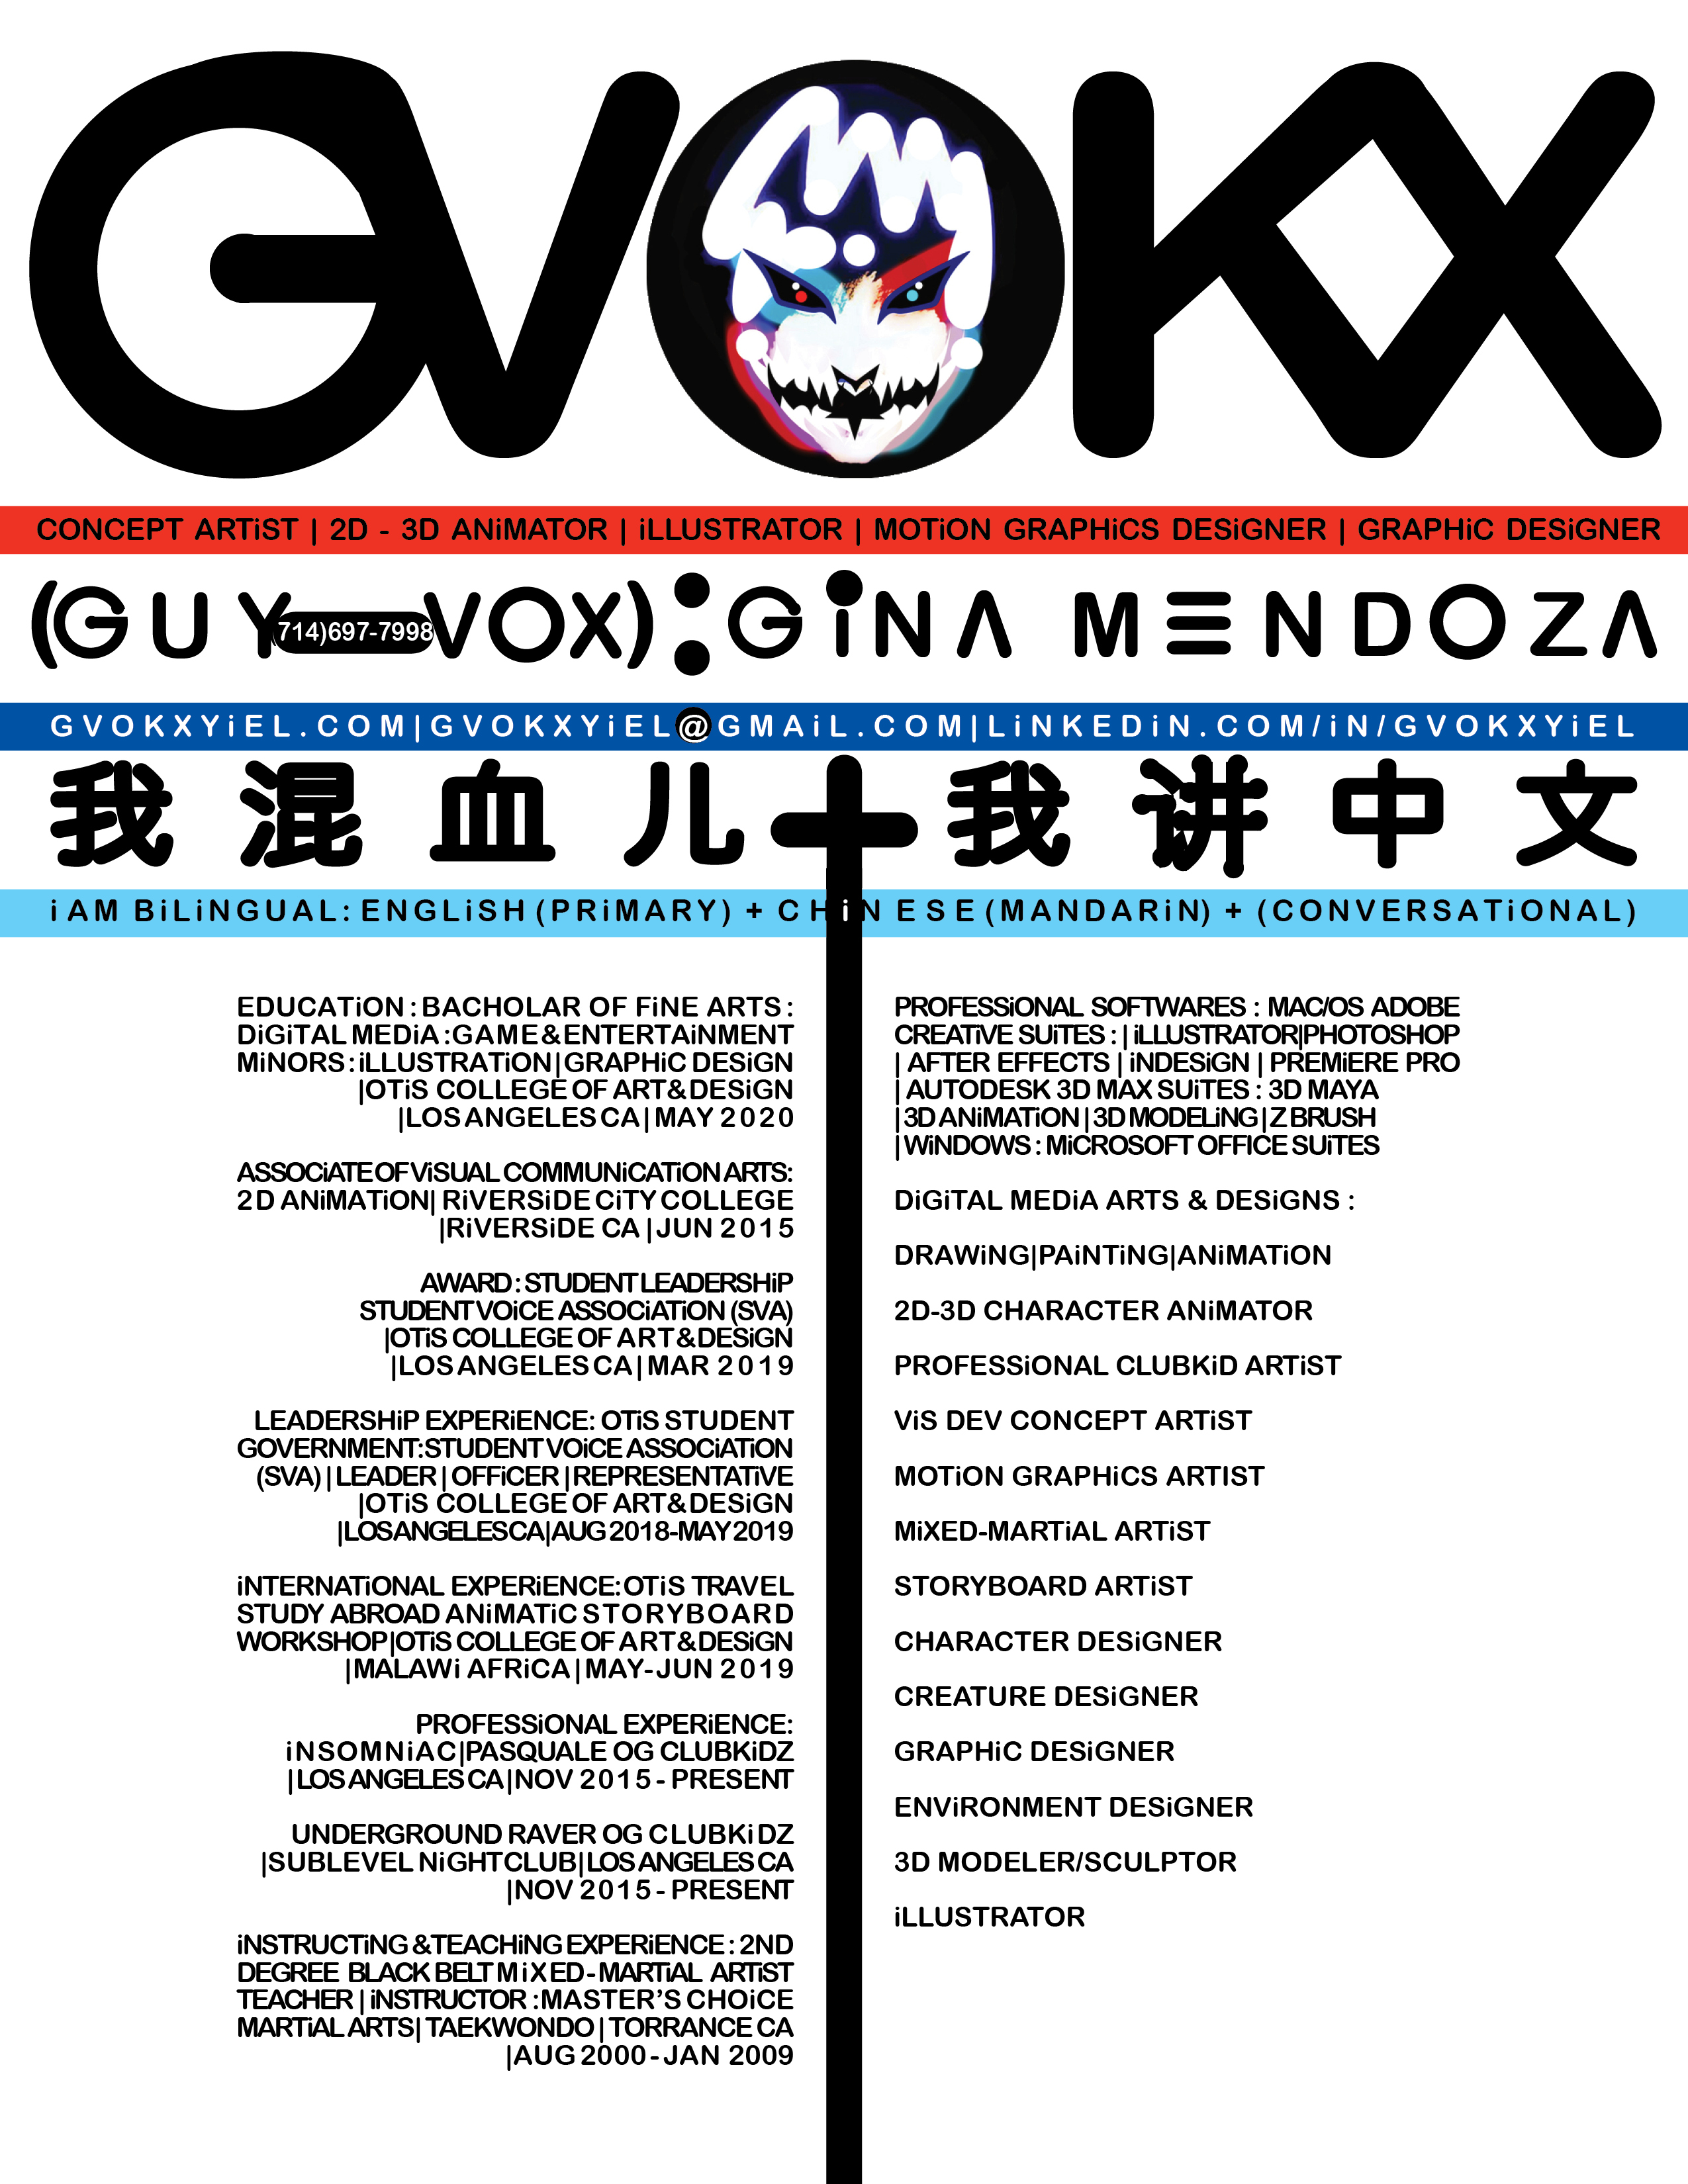 GV0KX+R35UM3!+P0P!.jpg